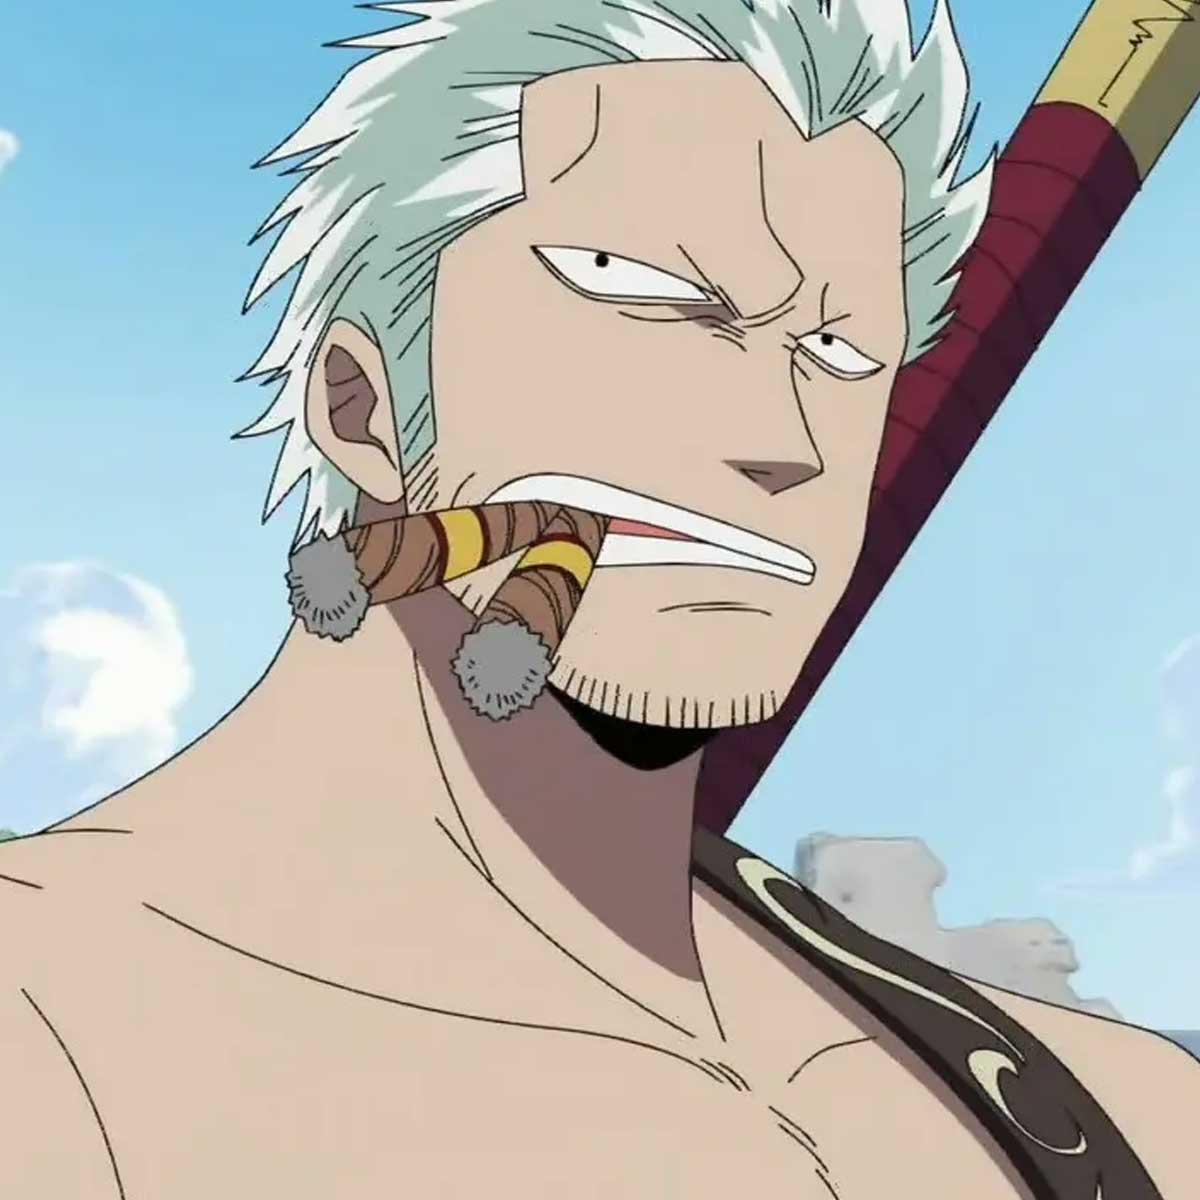 Mejores personajes del anime que fuman - Smoker de One Piece